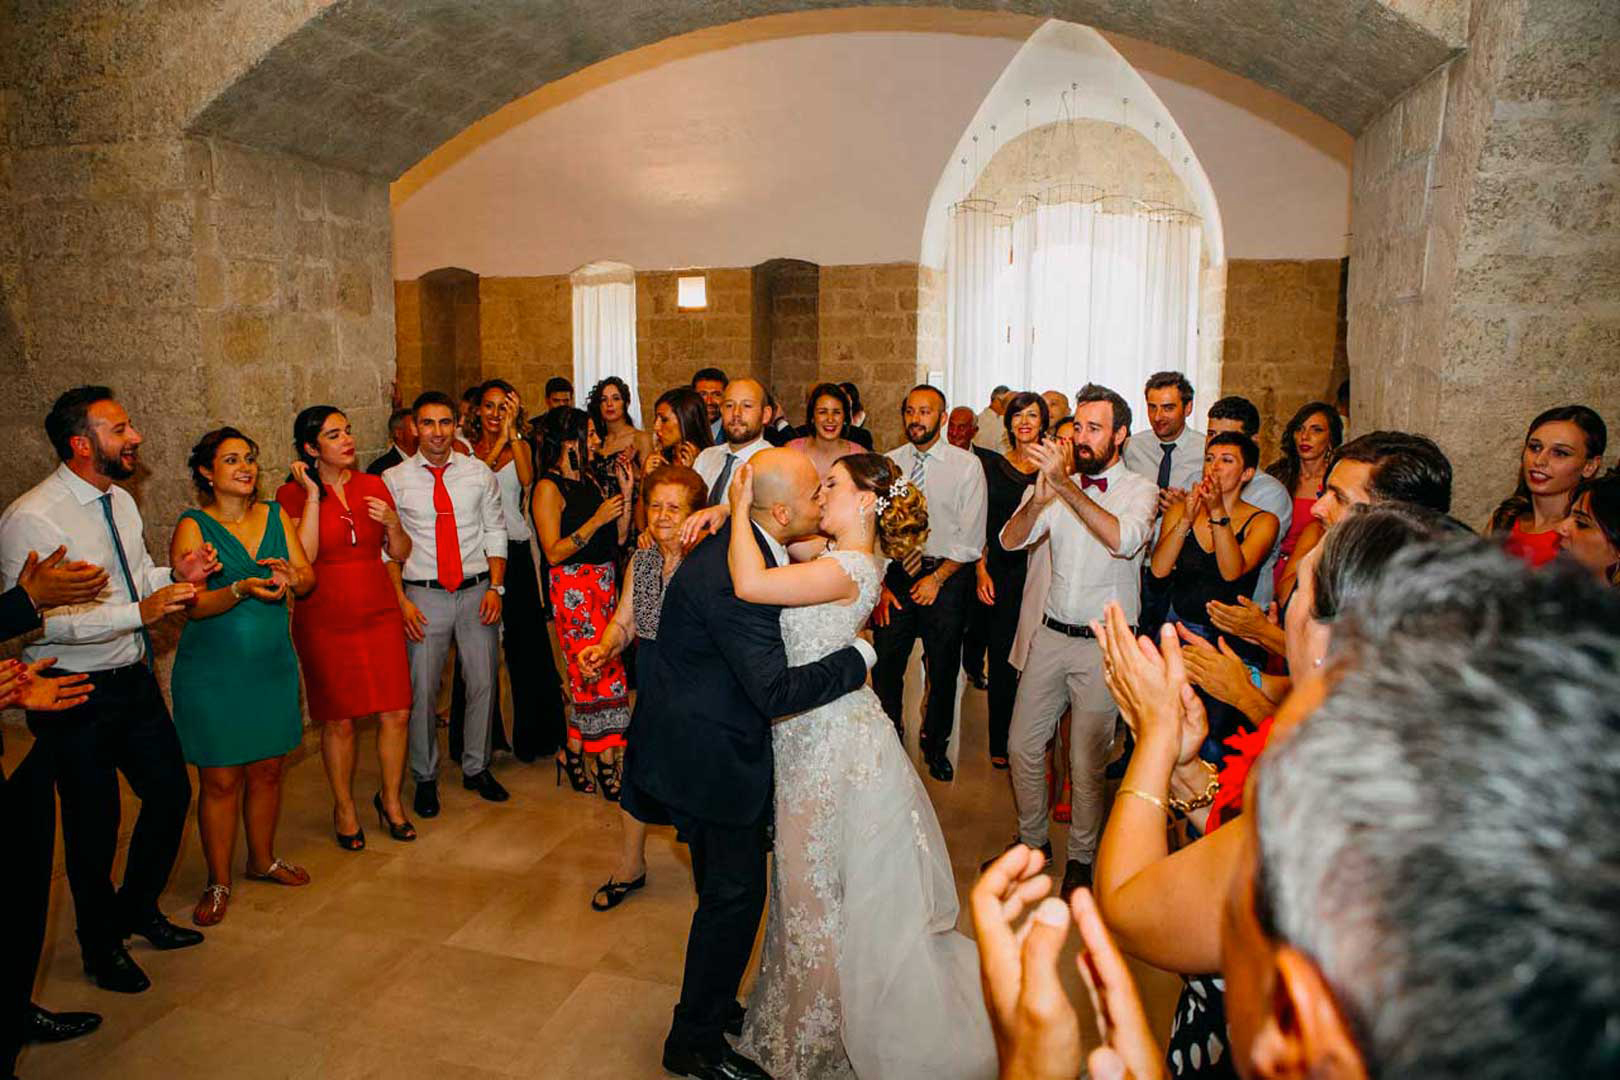 036-primo-ballo-gianni-lepore-wedding-photographer